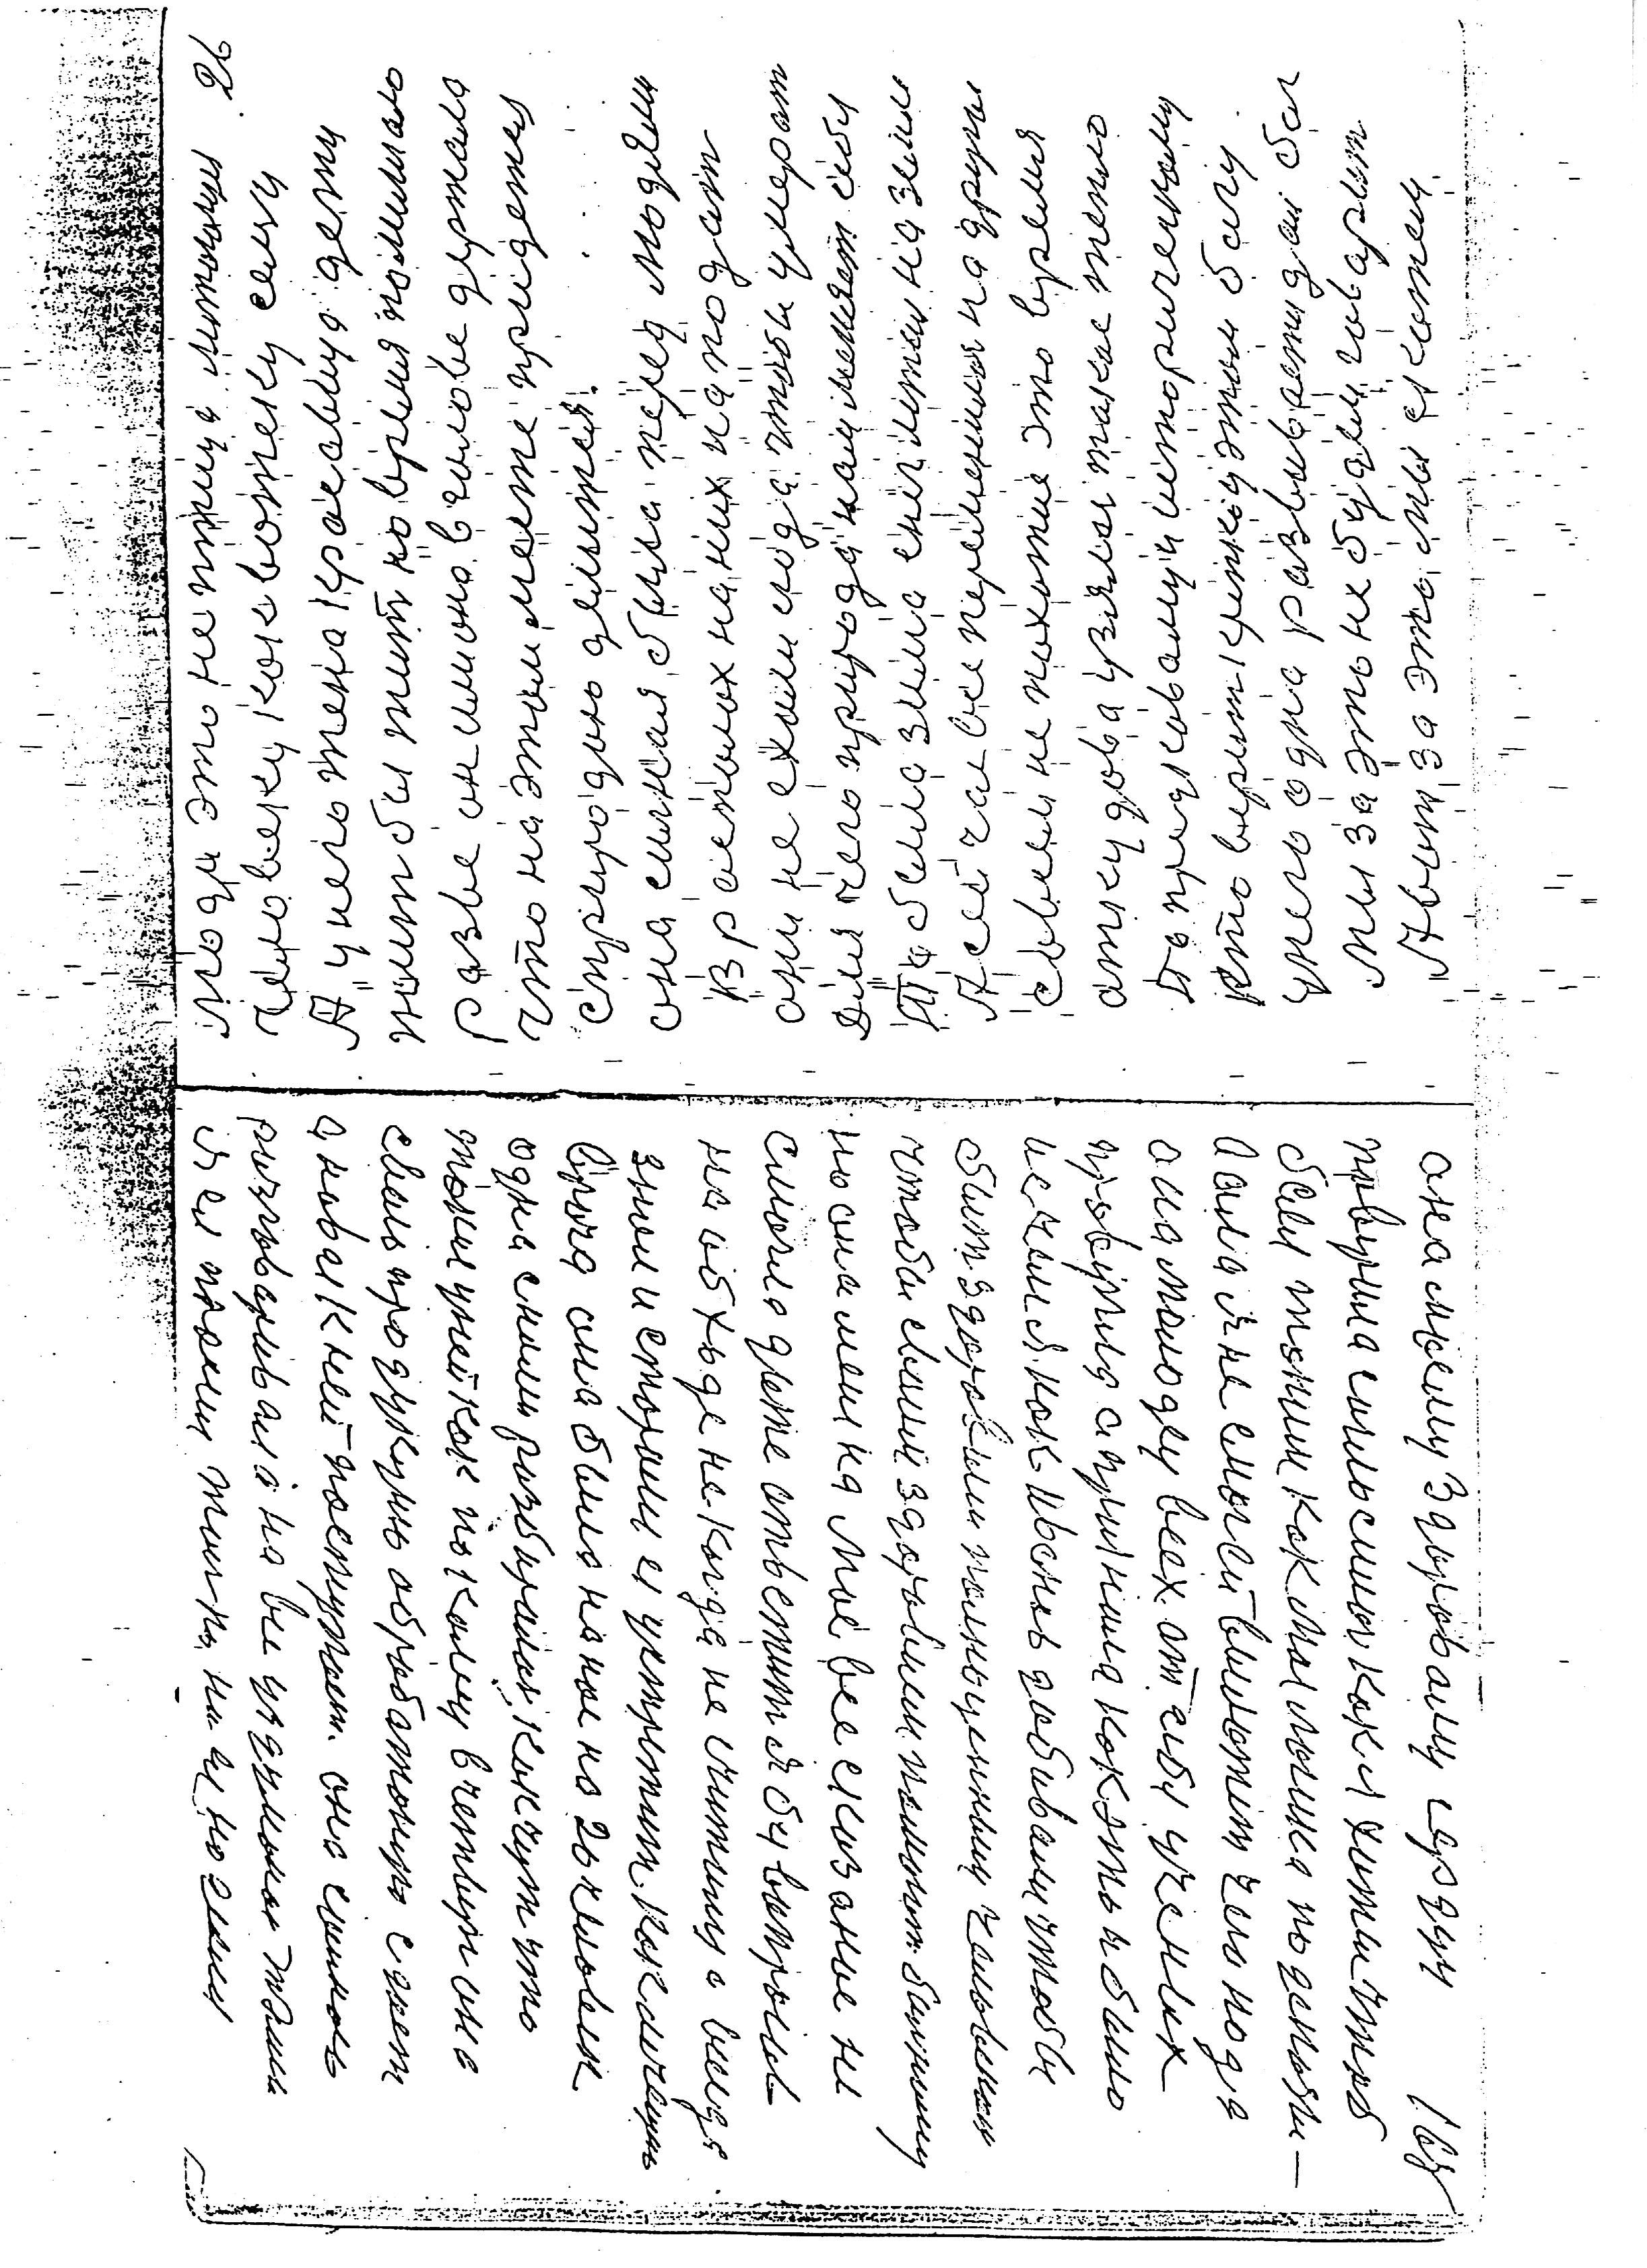 26-168.jpg